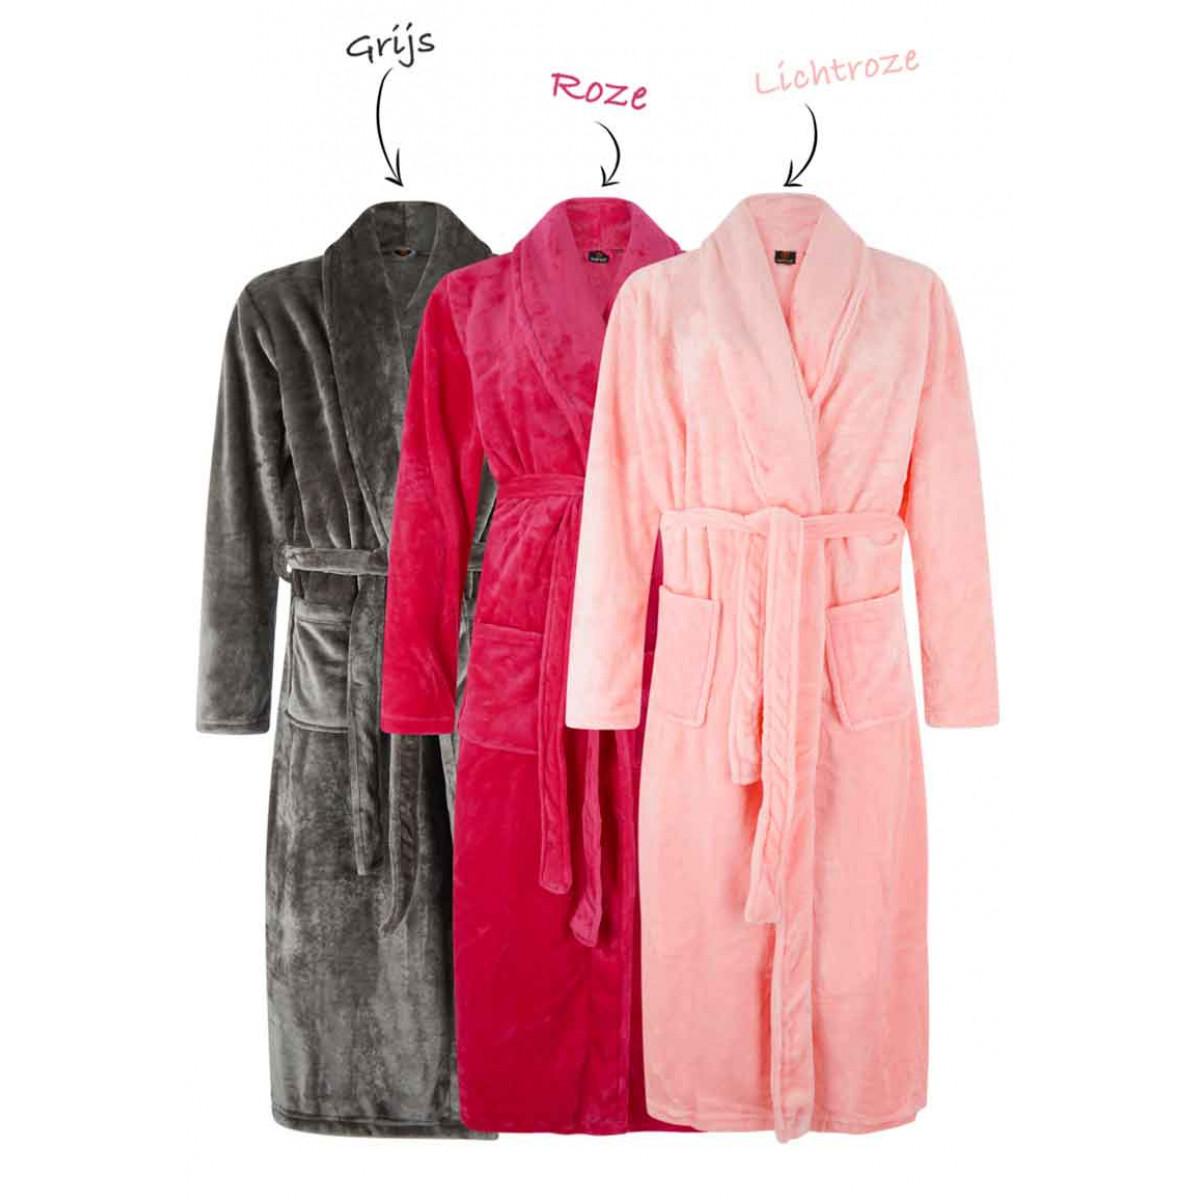 Fleece badjas met borduring van naam